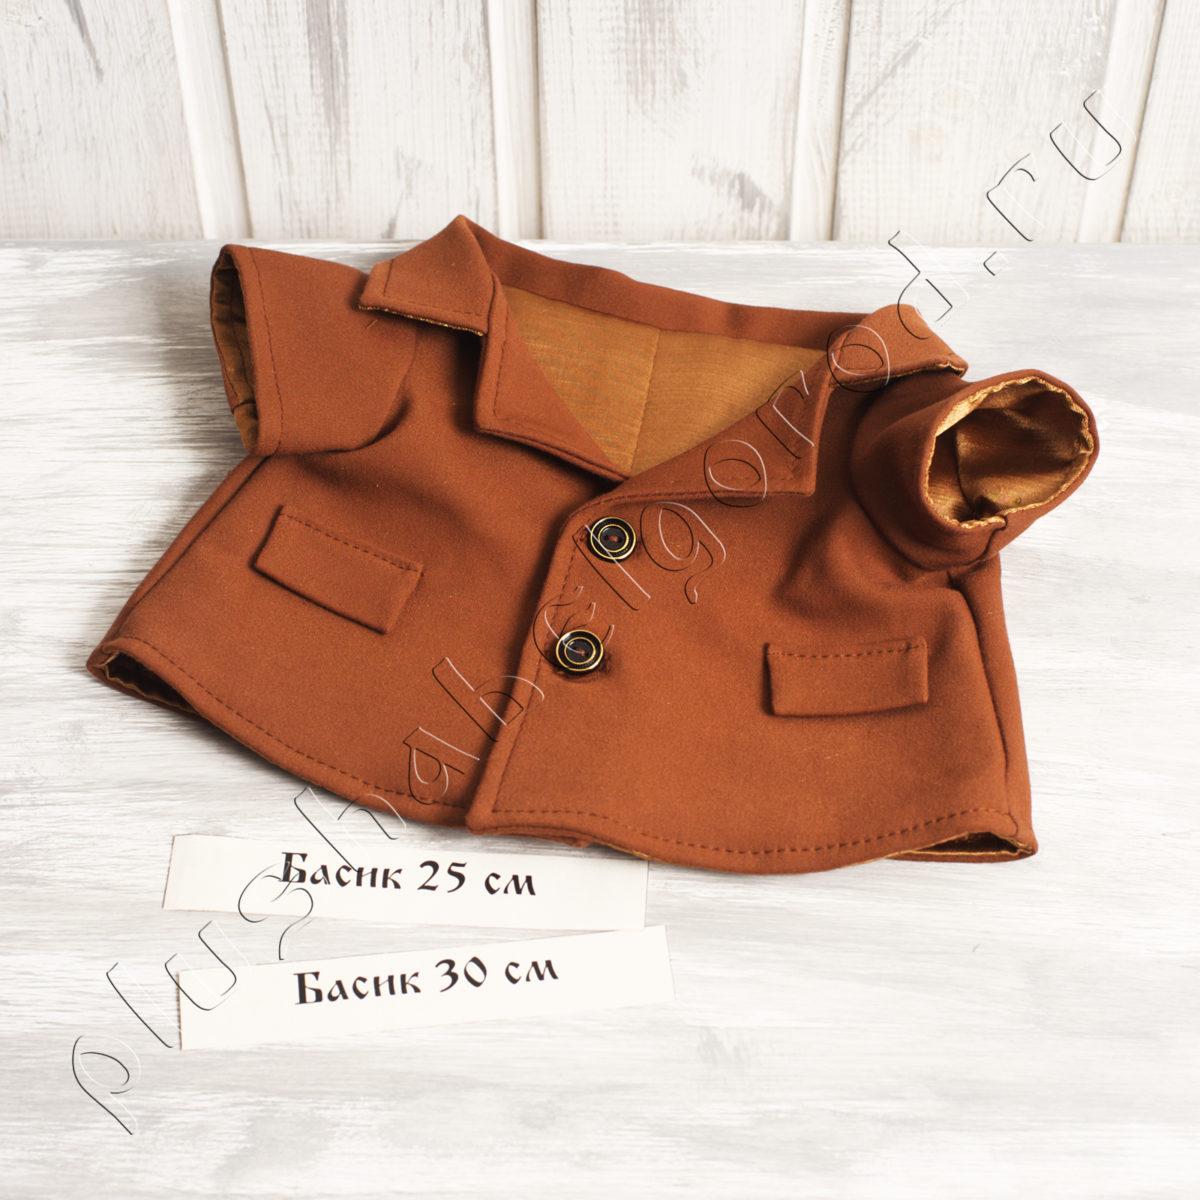 Пиджак коричневый на подкладке (25,30)